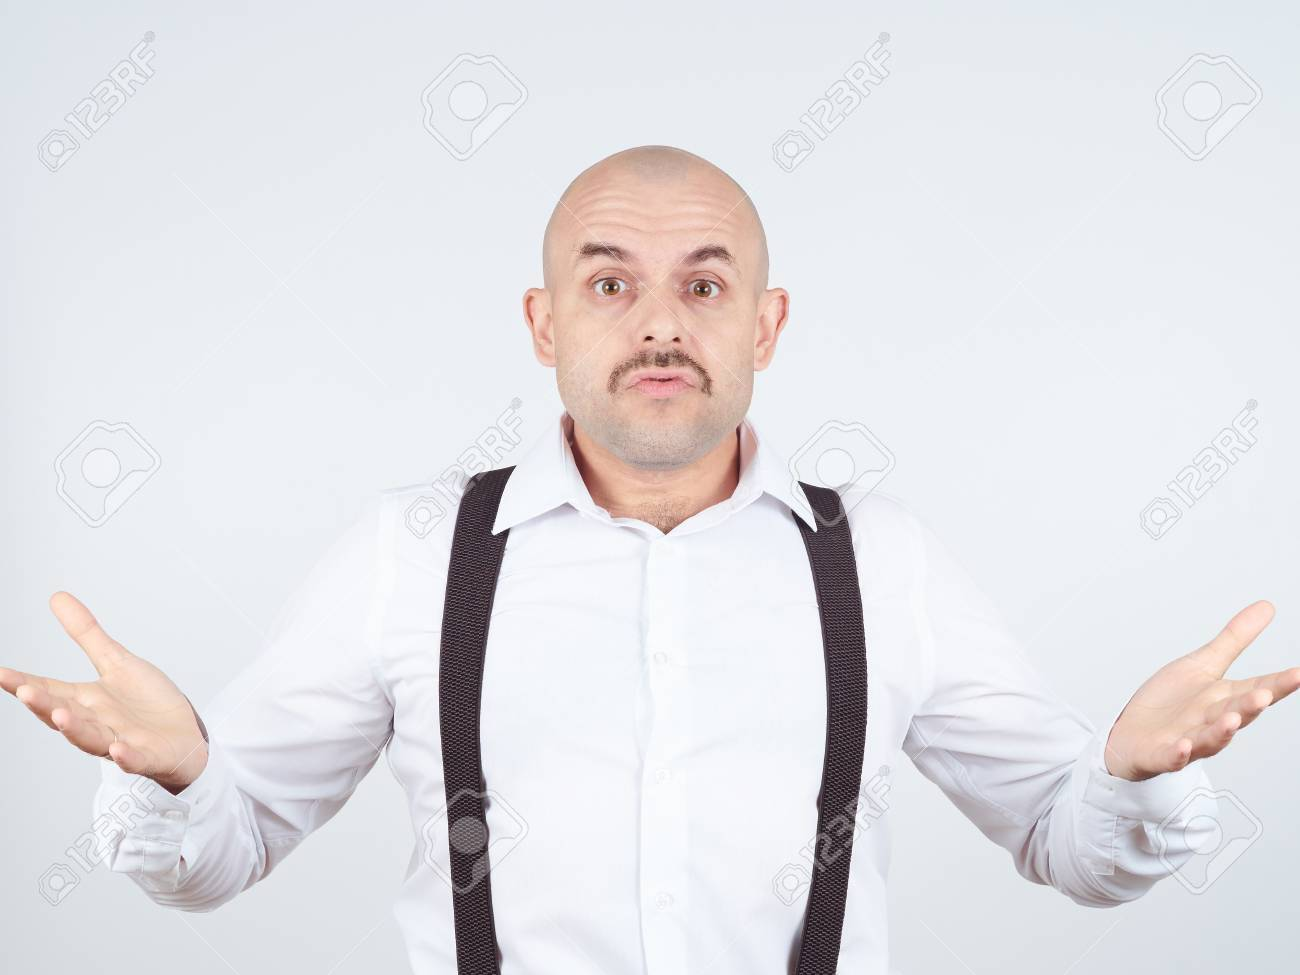 glatze junge männer